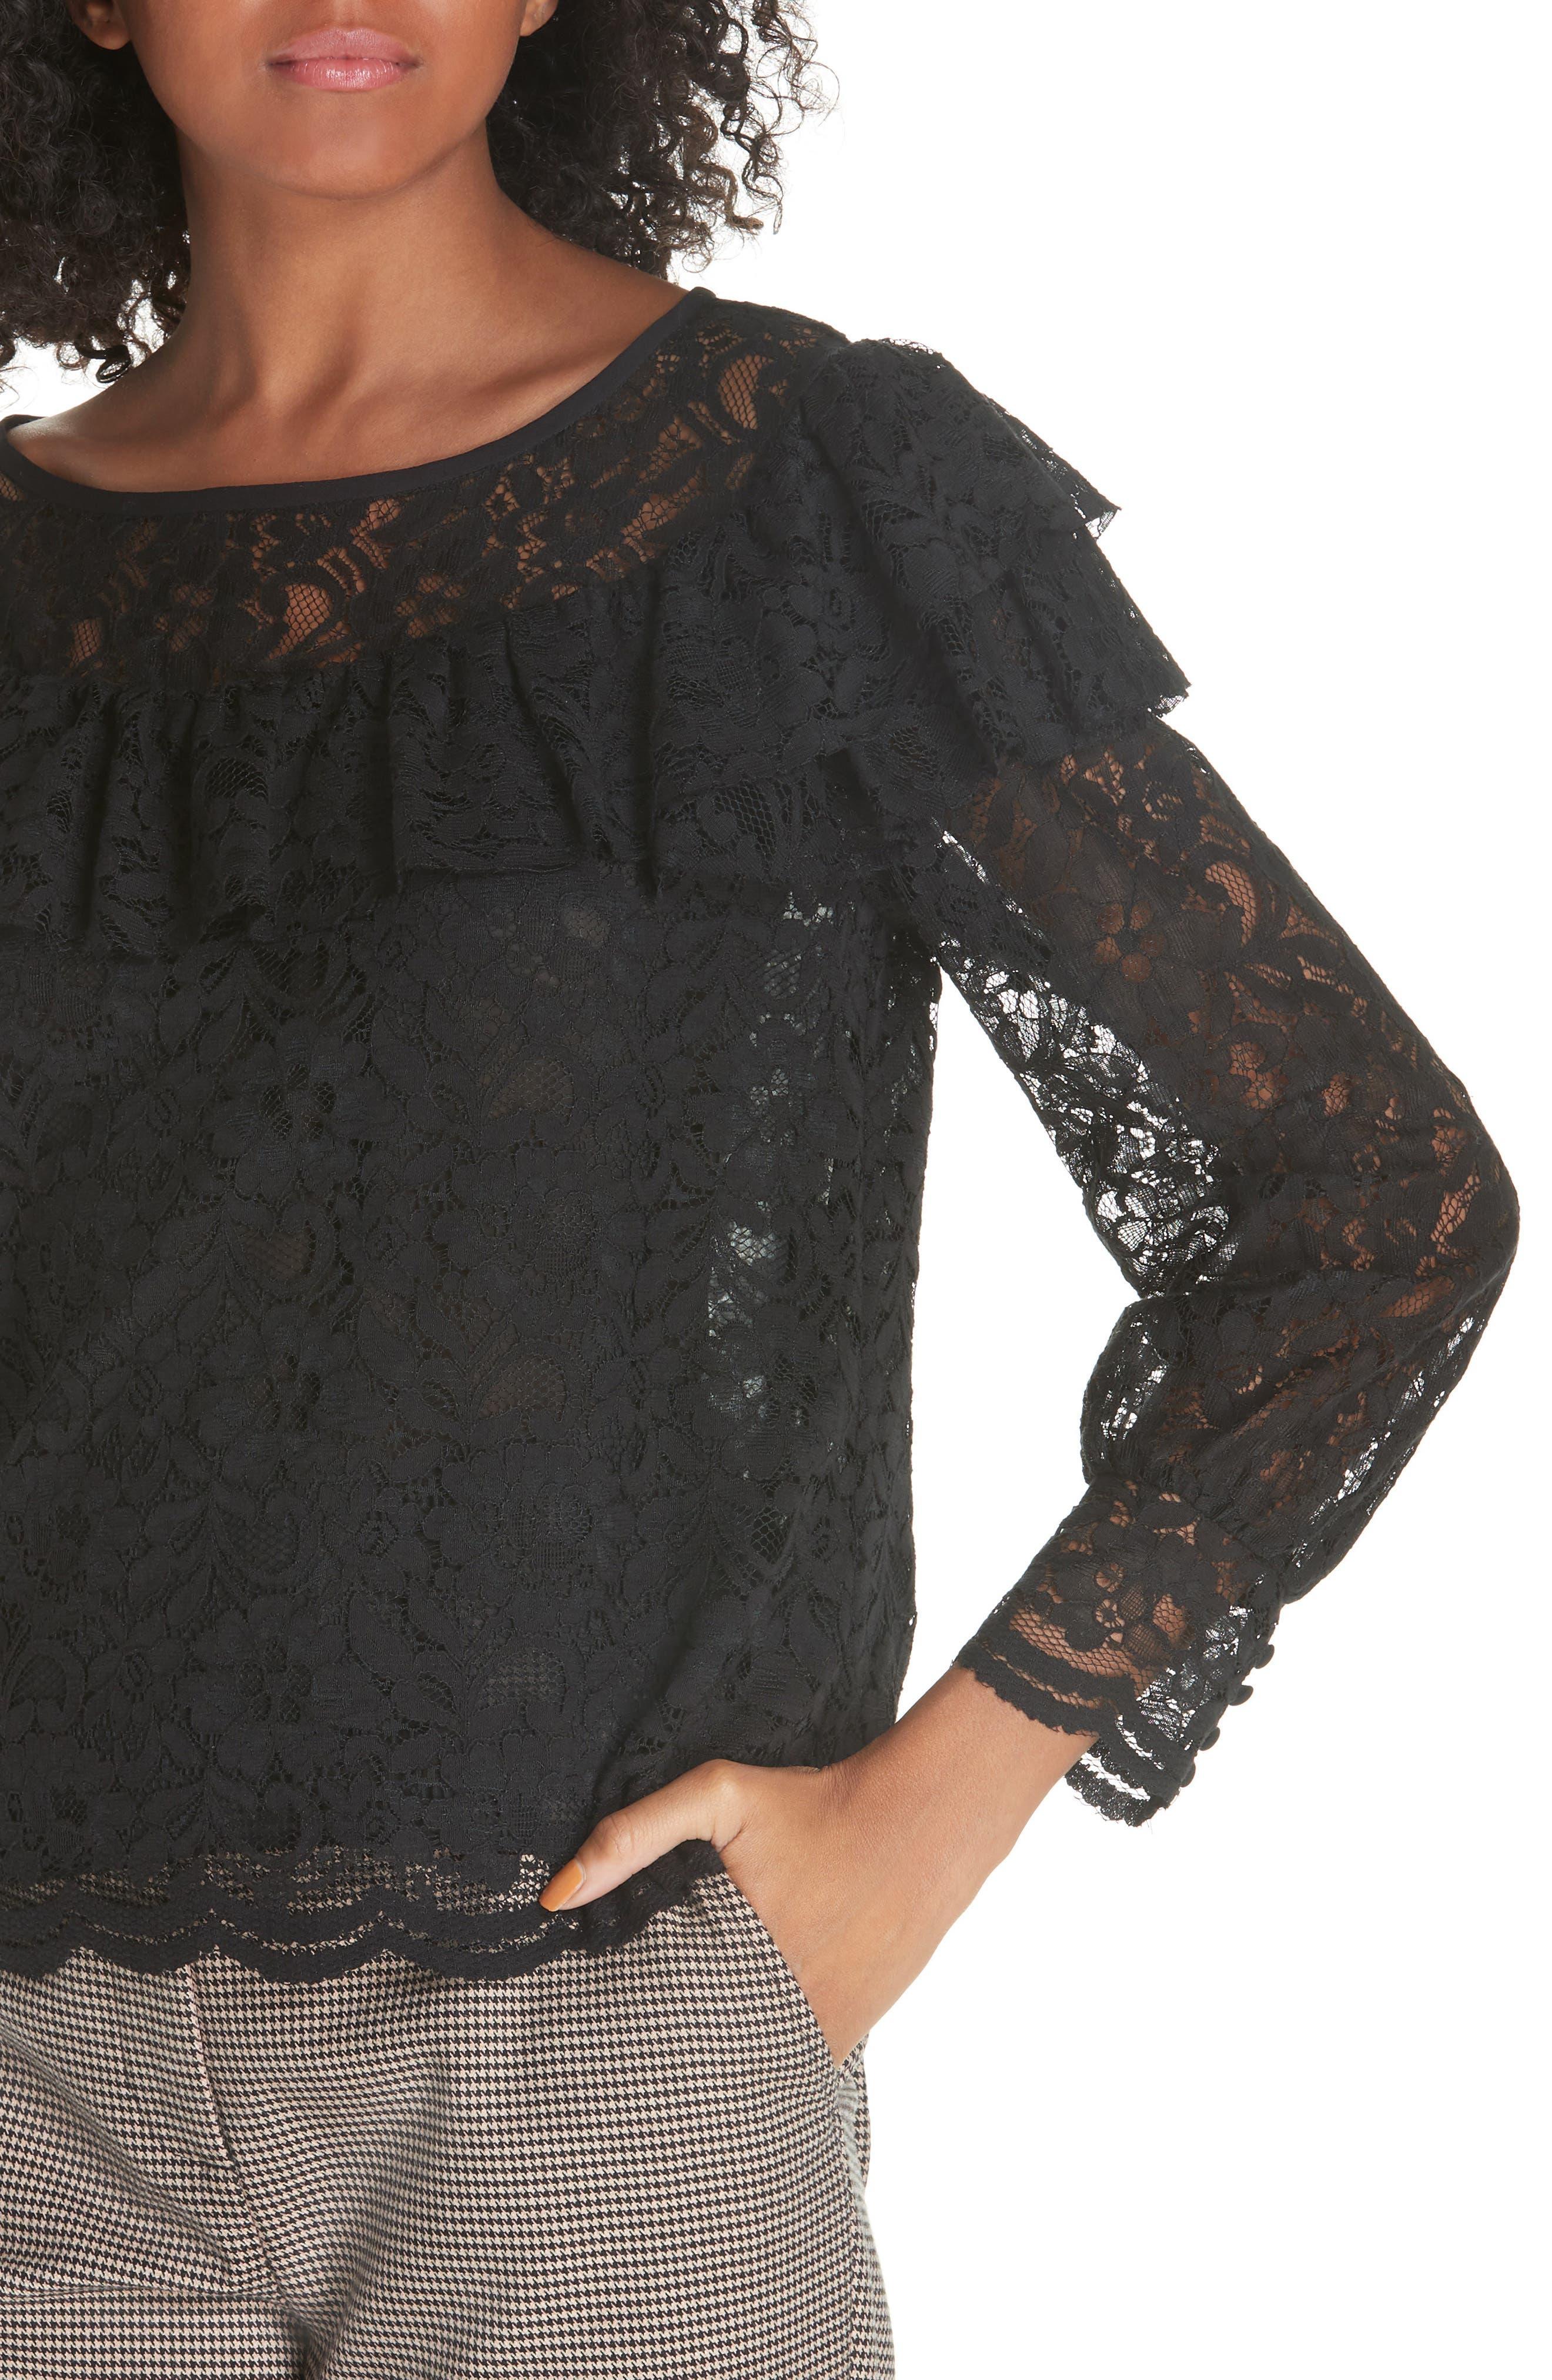 Cotton Blend Lace Ruffle Blouse,                             Alternate thumbnail 4, color,                             001